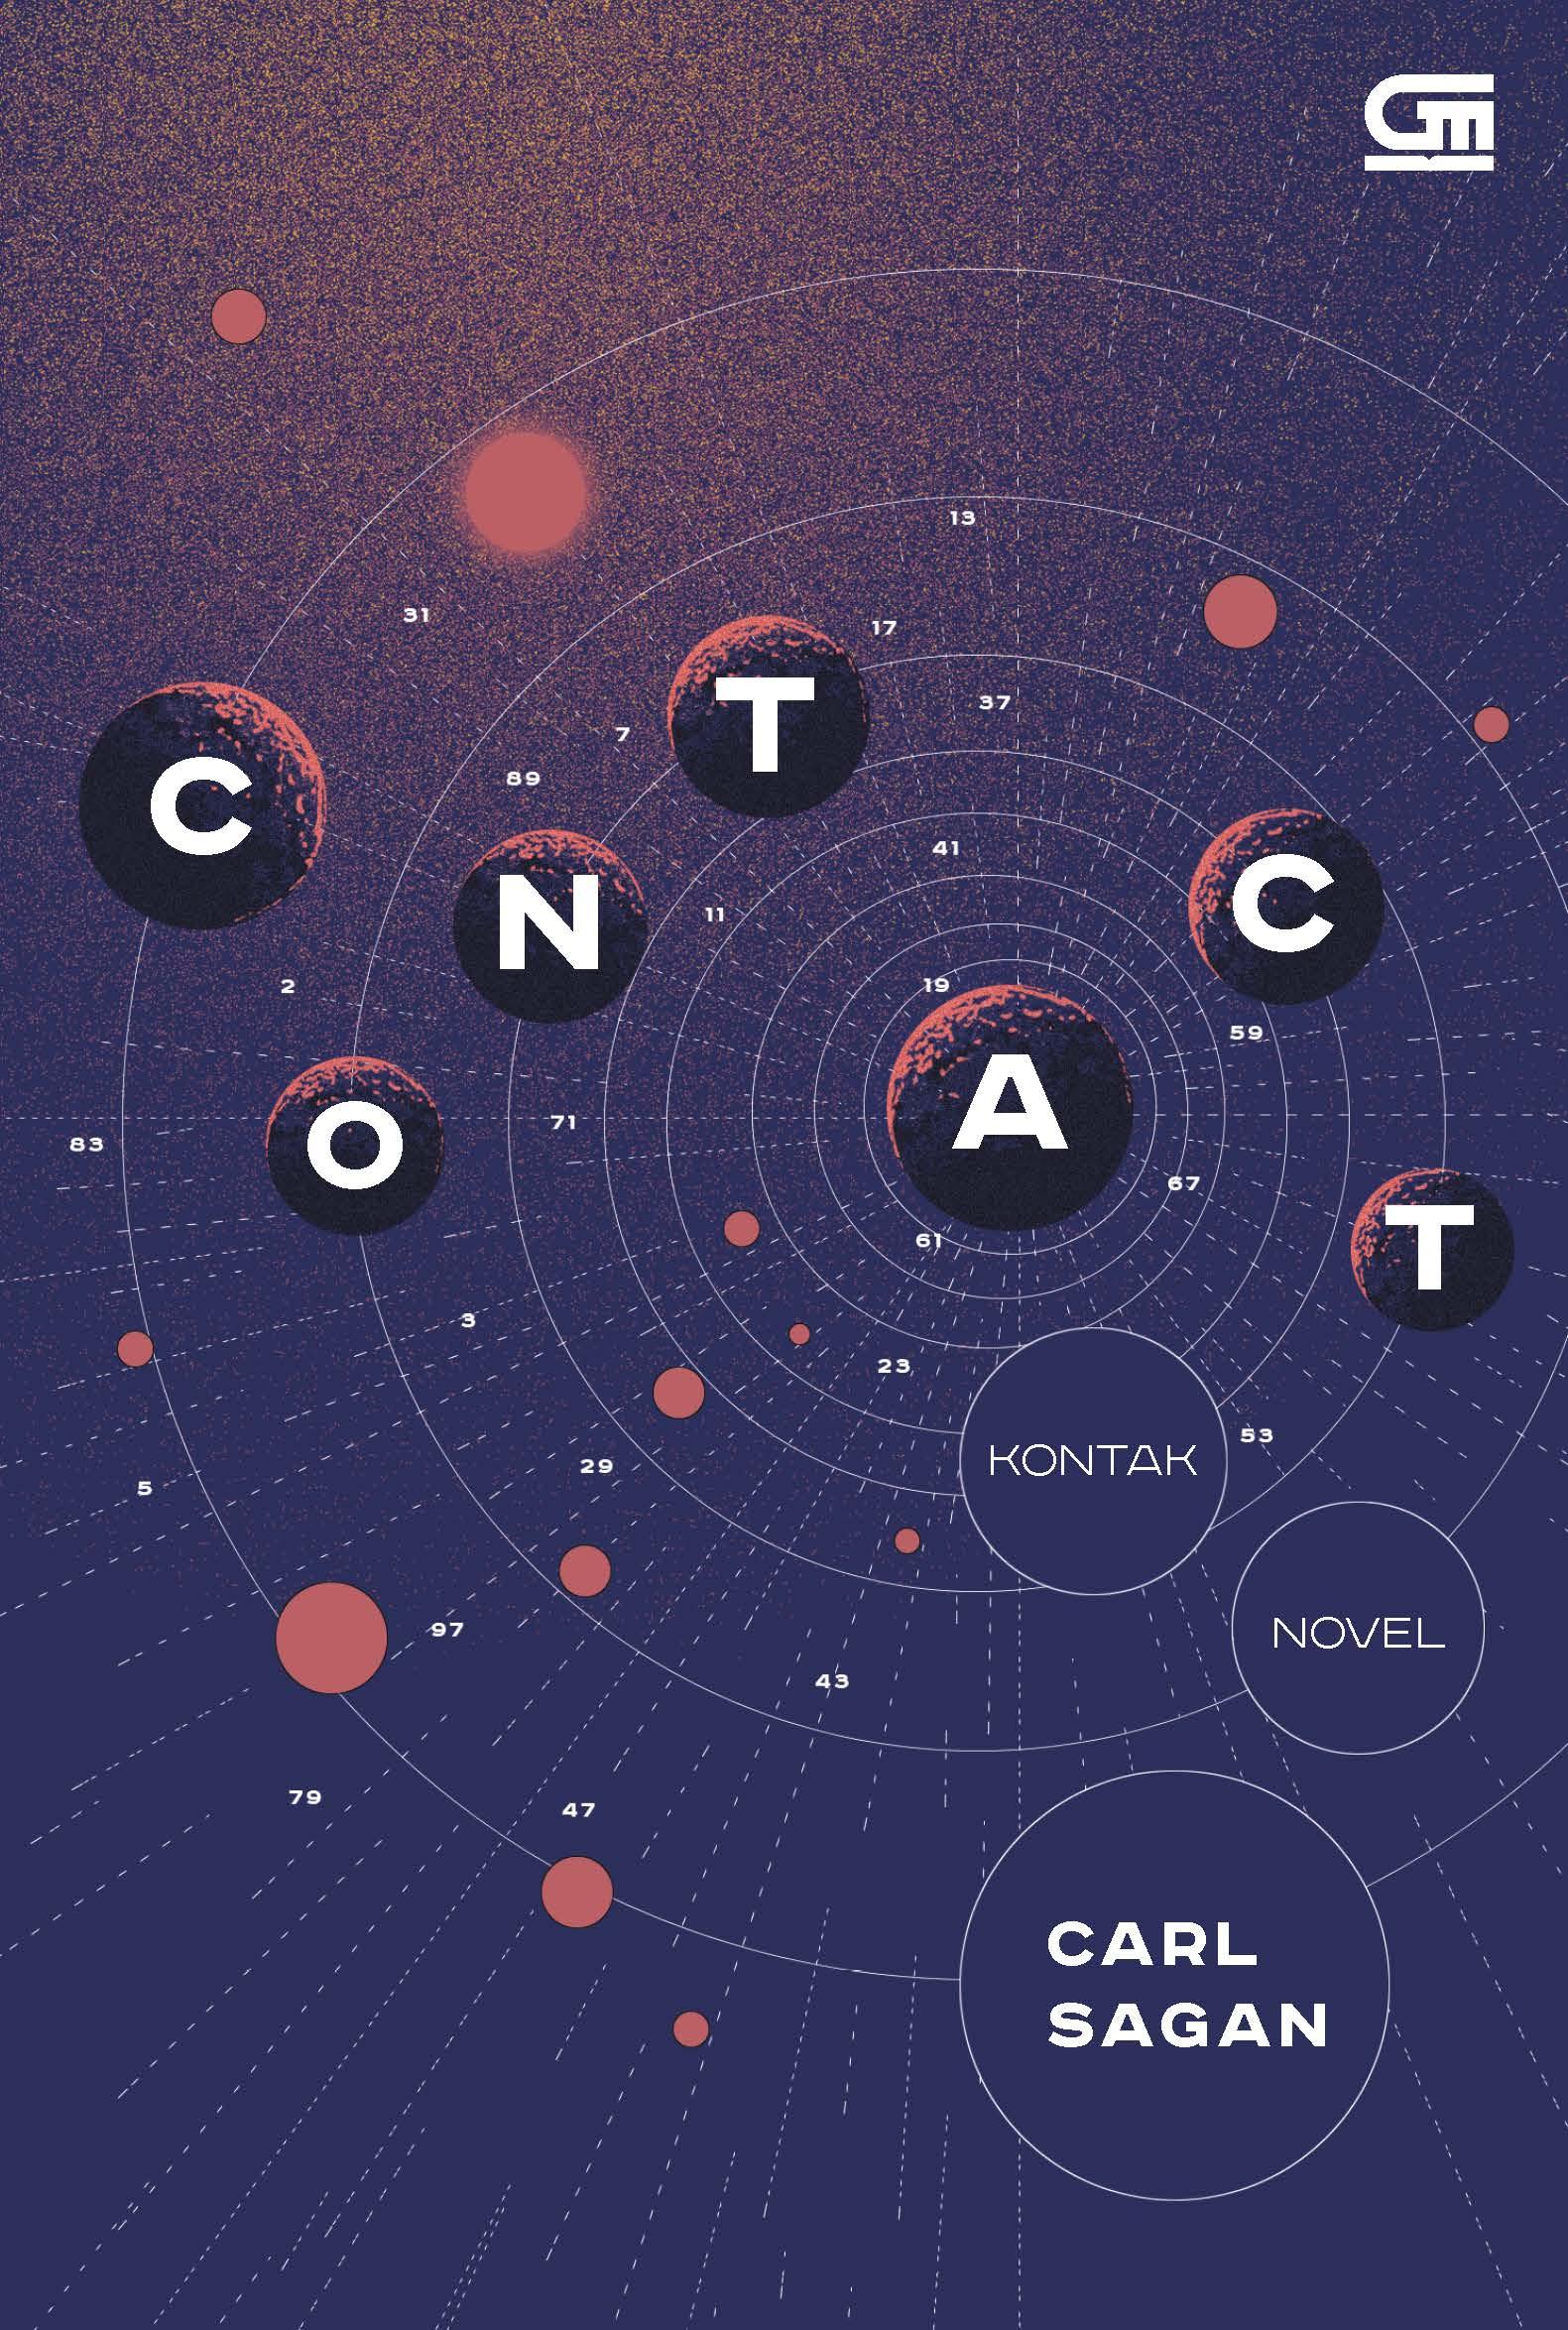 Kontak (Contact)